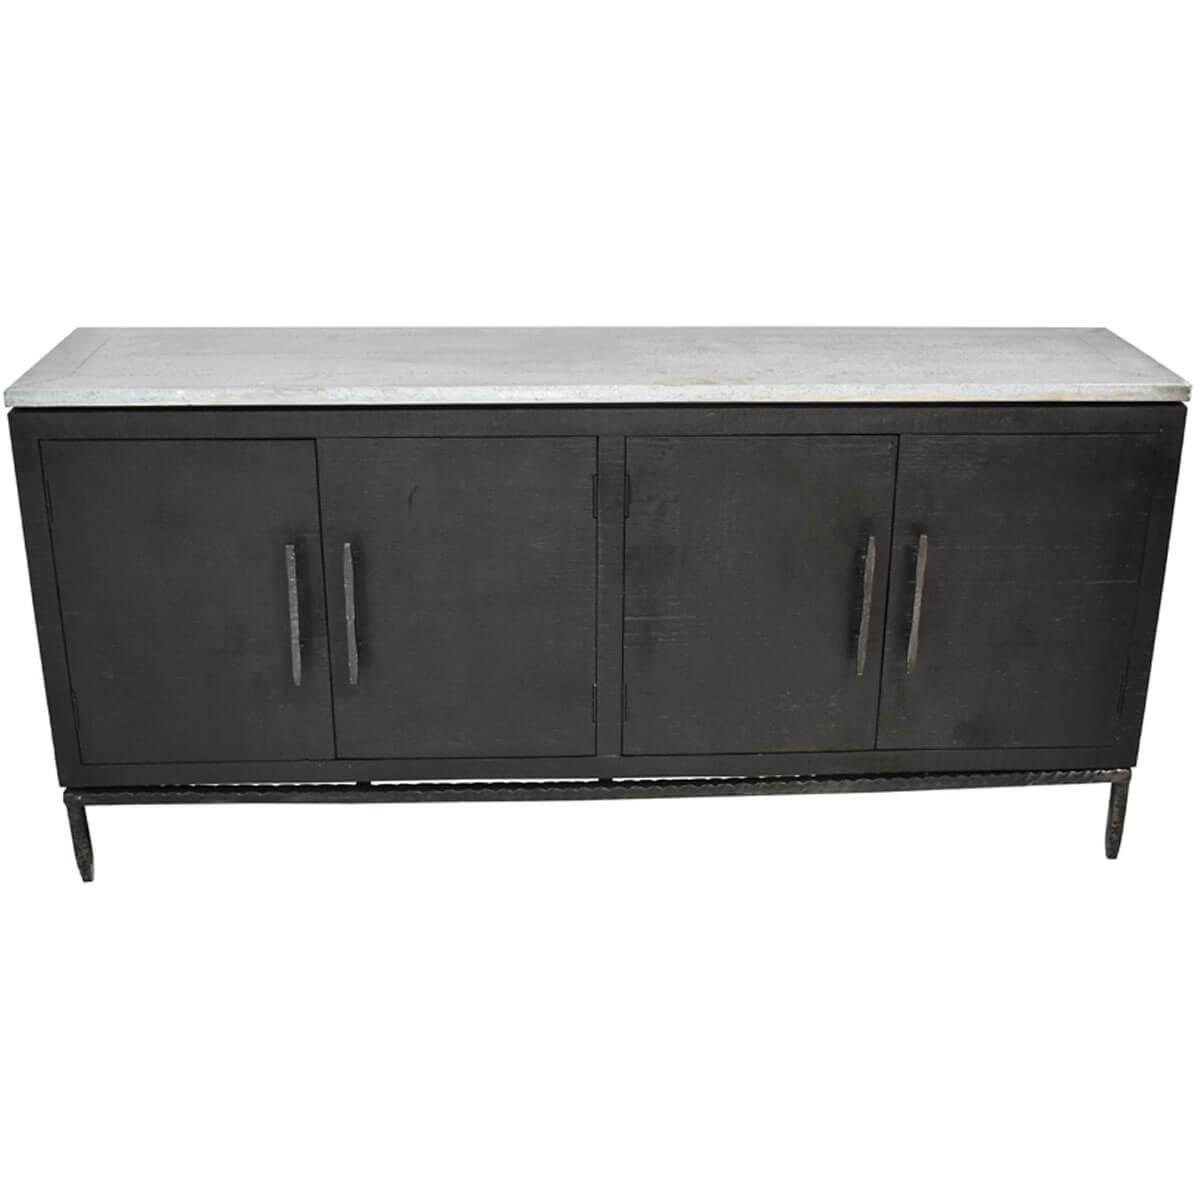 Briarcliff Industrial Style Metal Top Double Door Buffet Cabinet